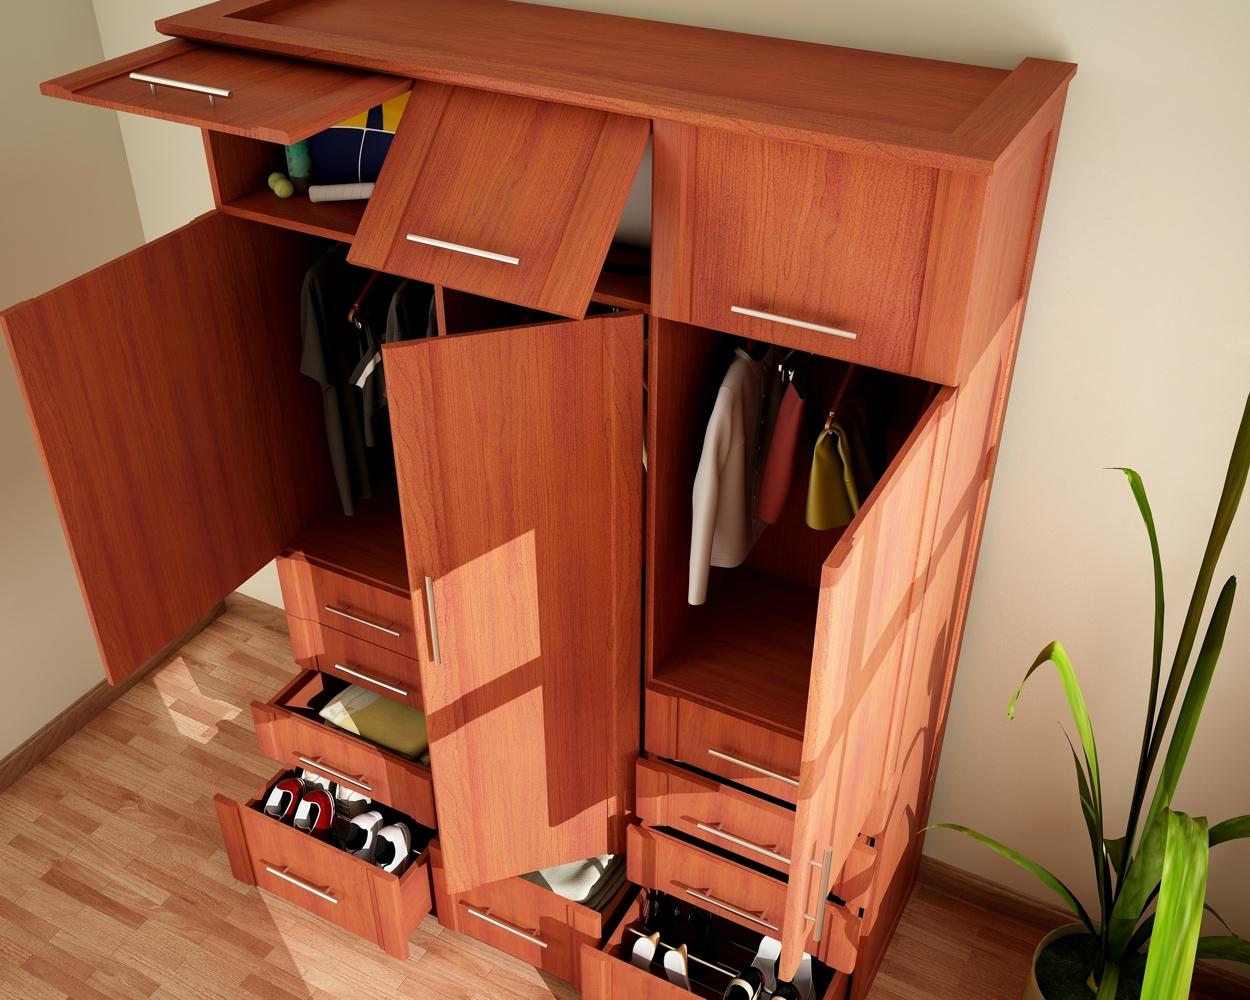 Af arquitectura y mobiliario closet en madera for Disenos de zapateras de madera